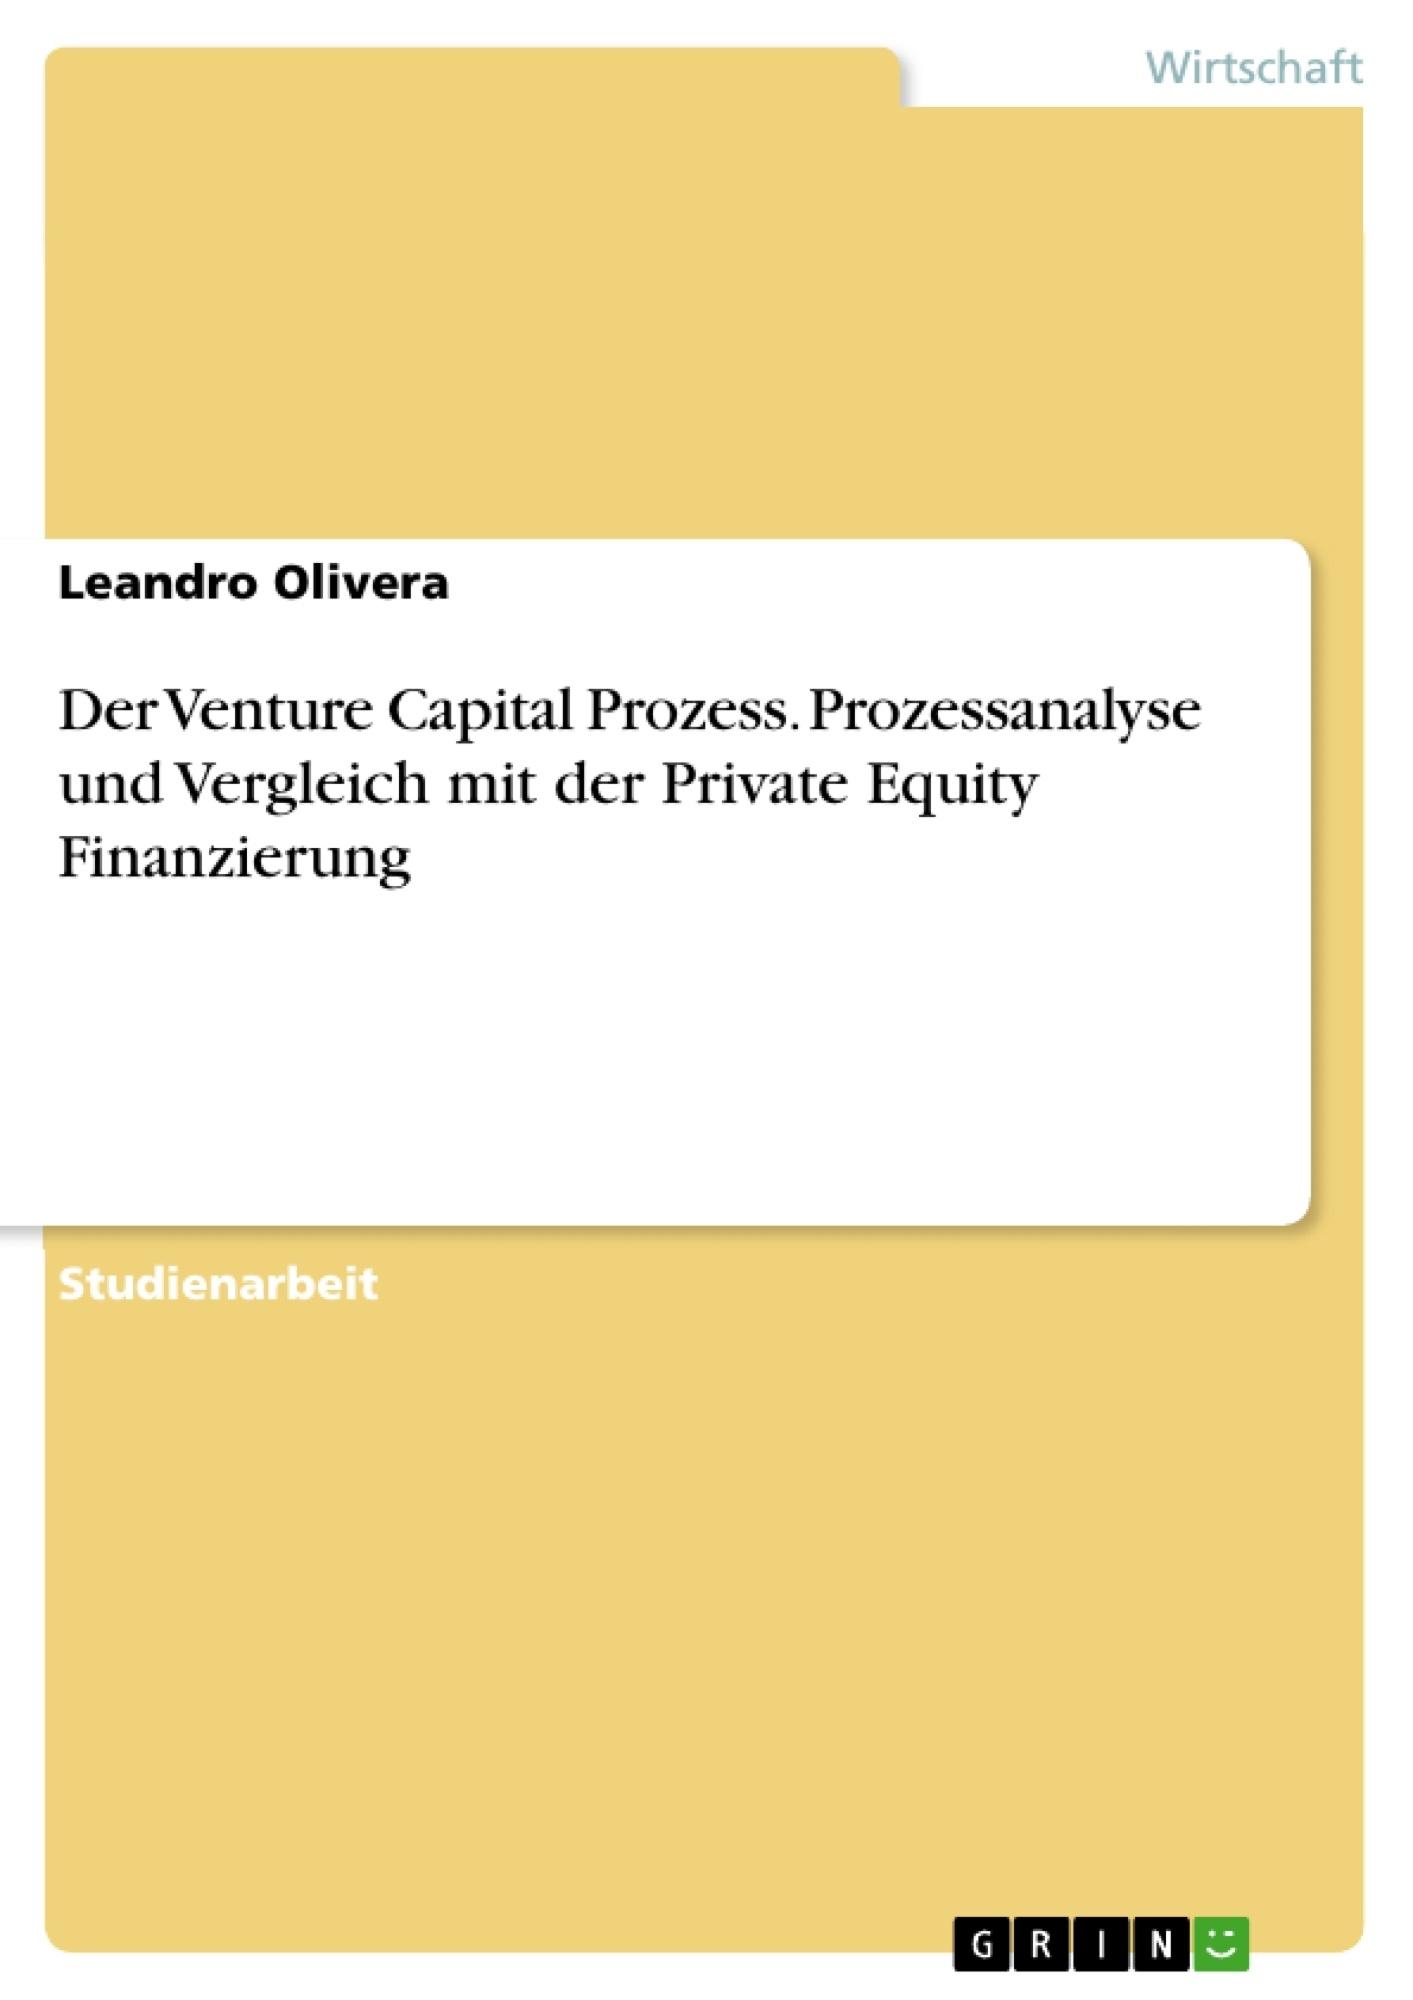 Titel: Der Venture Capital Prozess. Prozessanalyse und Vergleich mit der Private Equity Finanzierung